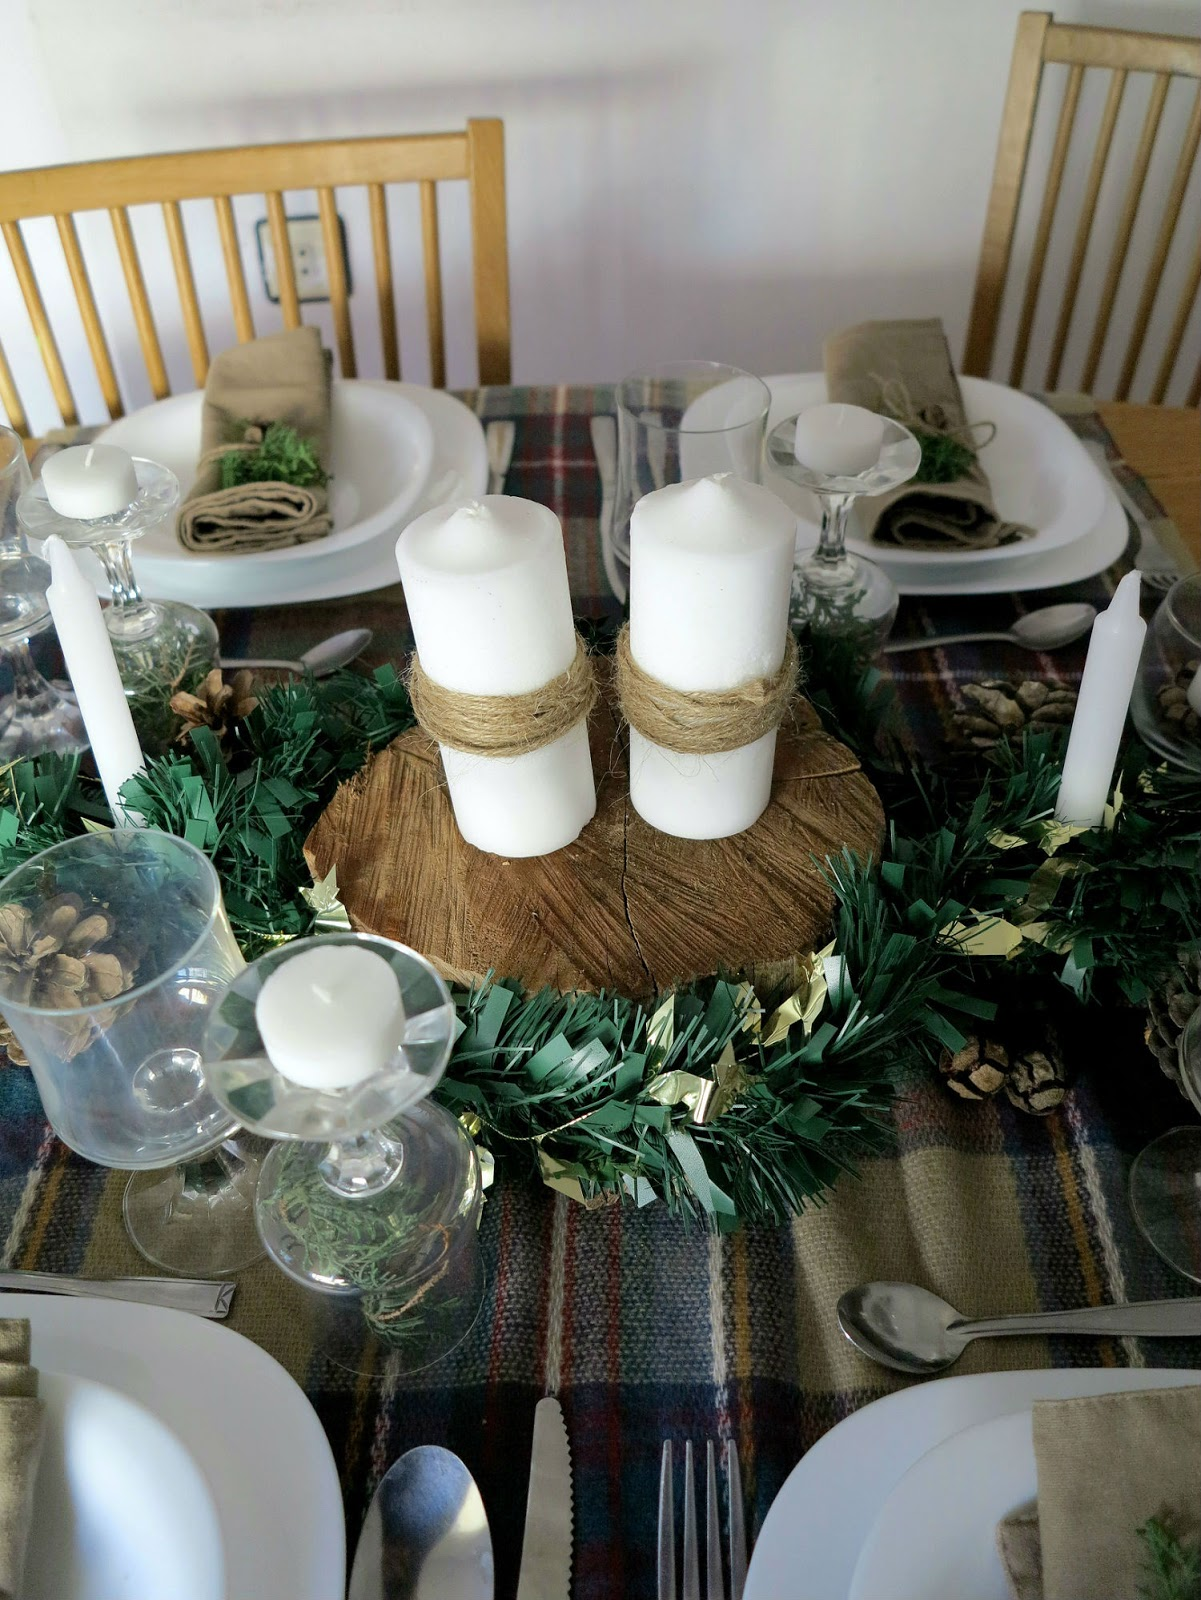 Rocco en mi sofa mi mesa de navidad r stica - Decoracion navidena rustica ...